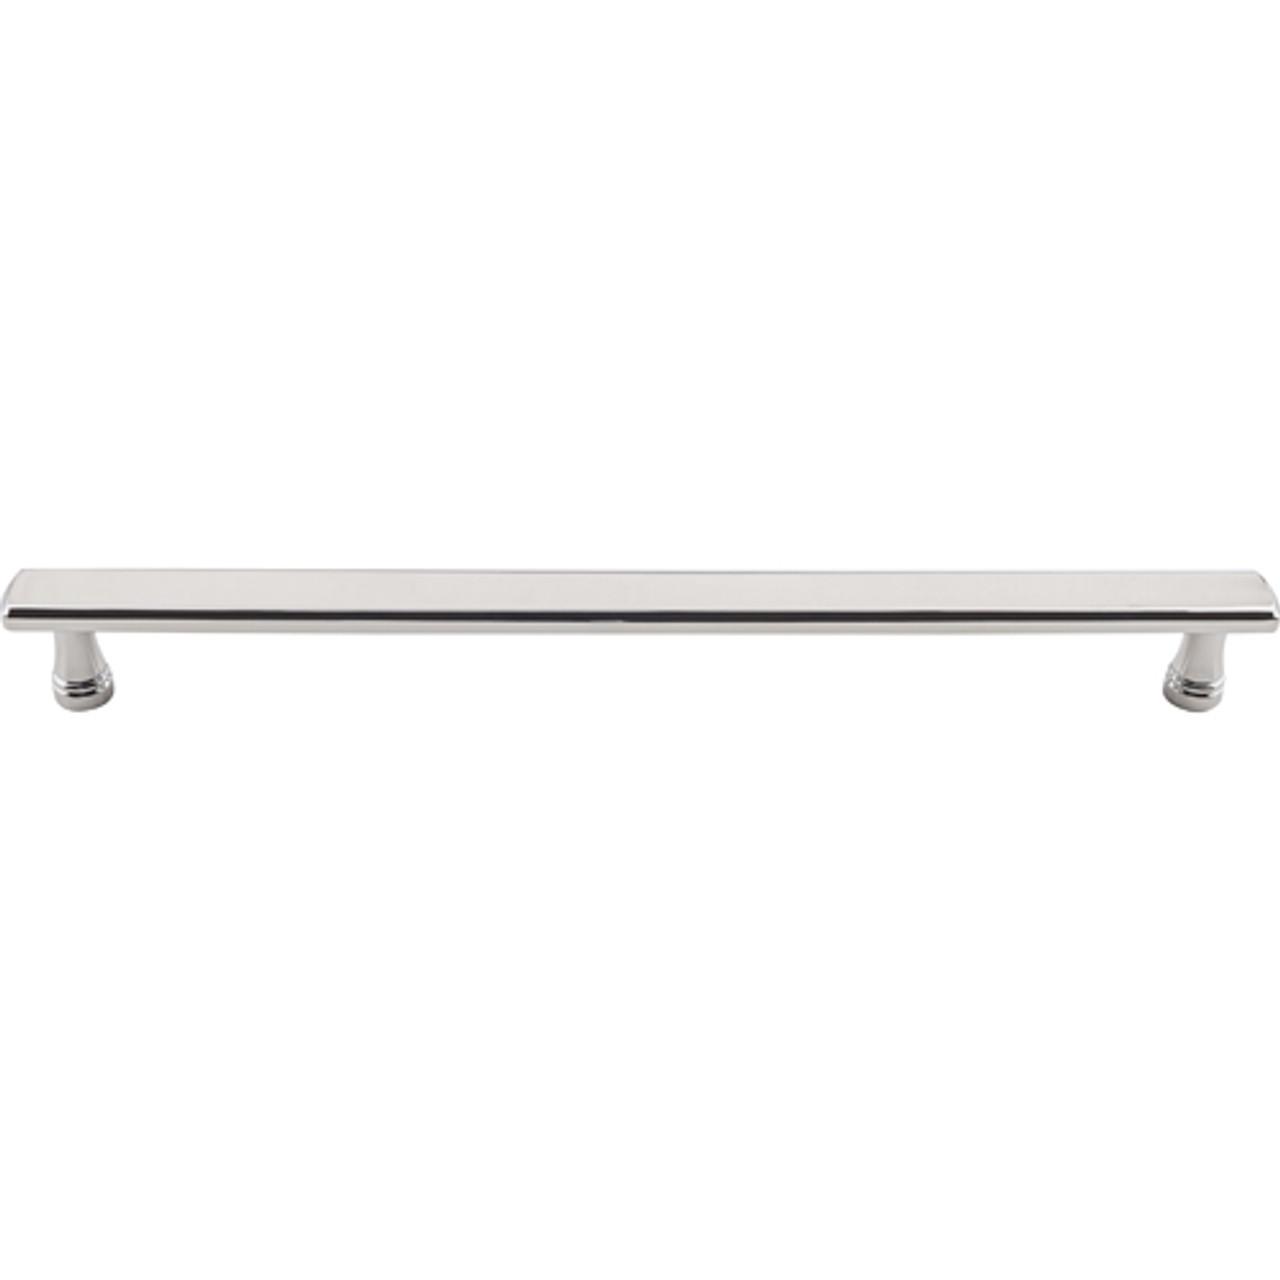 37189 Cabinet Drawer Door Pull Handle in Black Cast Iron